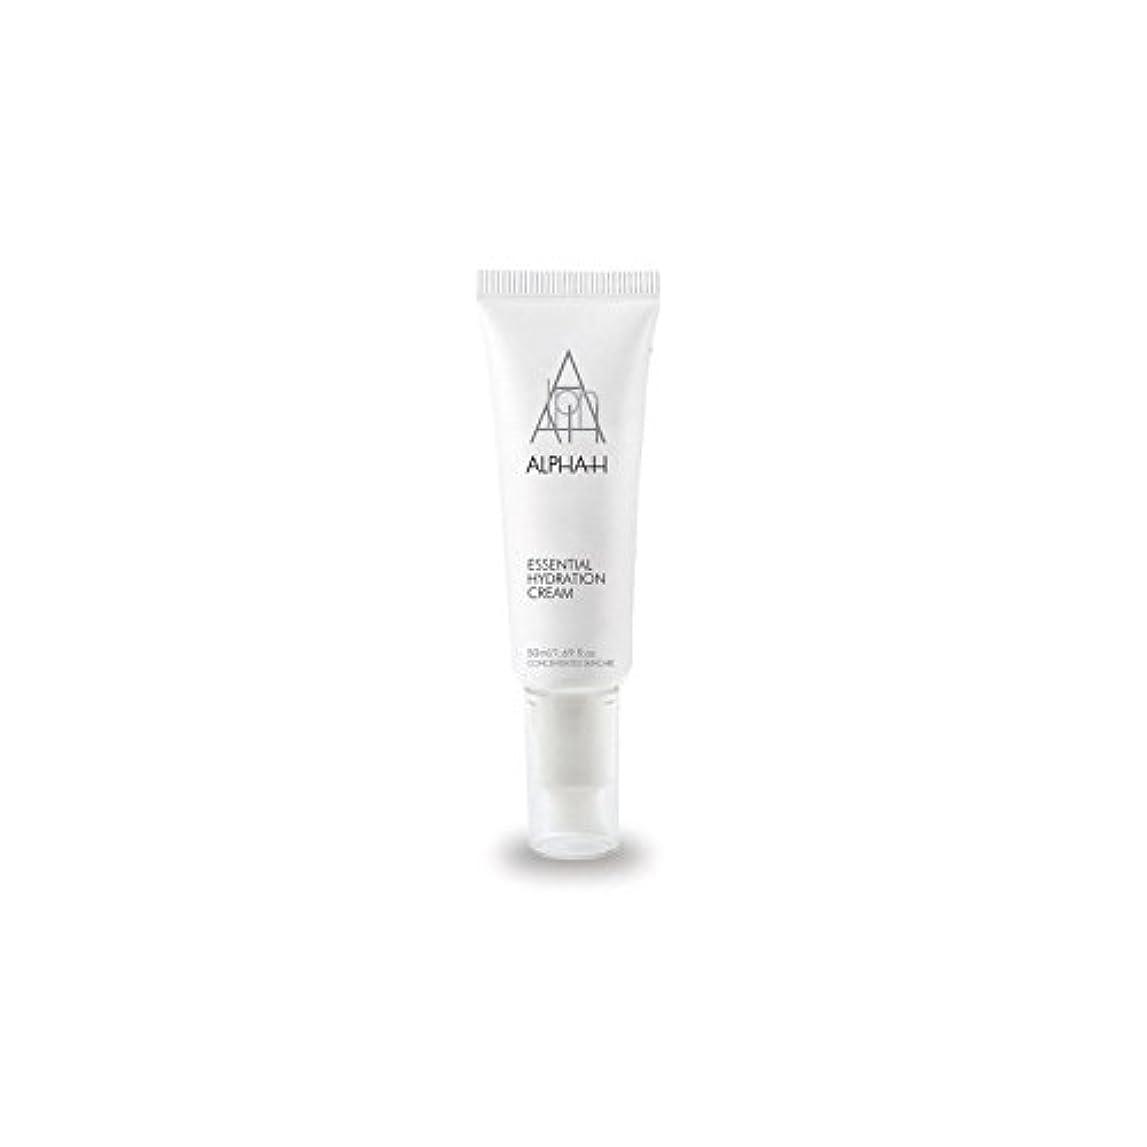 不可能なオレンジいらいらするアルファ必須水和クリーム(50)中 x2 - Alpha-H Essential Hydration Cream (50ml) (Pack of 2) [並行輸入品]